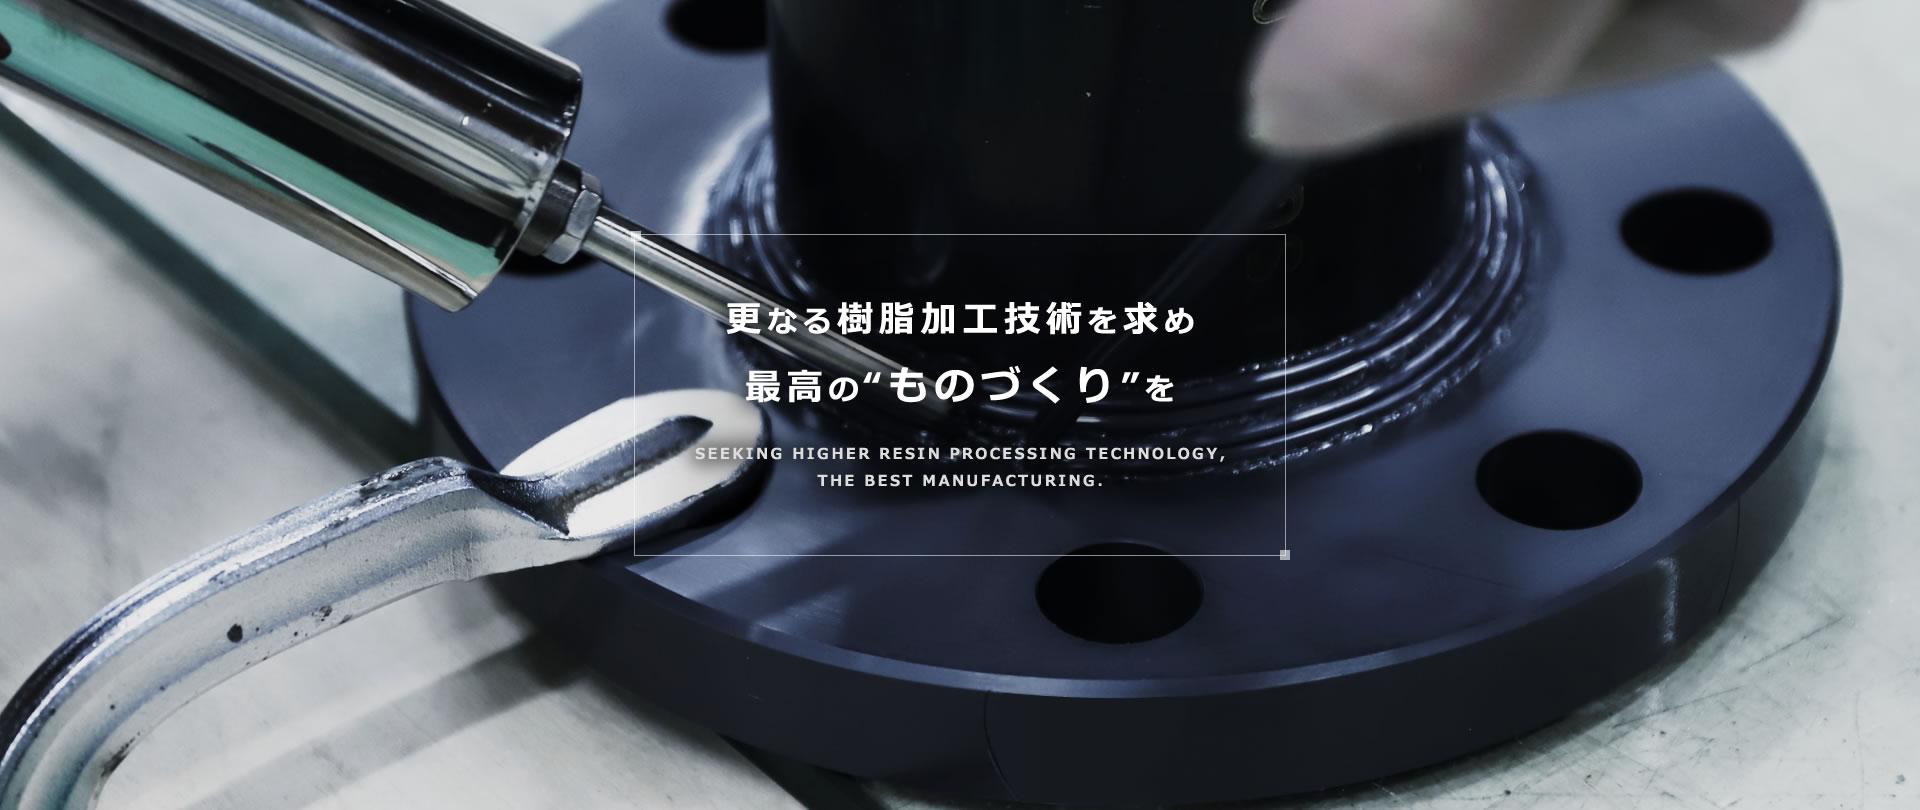 更なる樹脂加工技術を求め最高のものづくりを